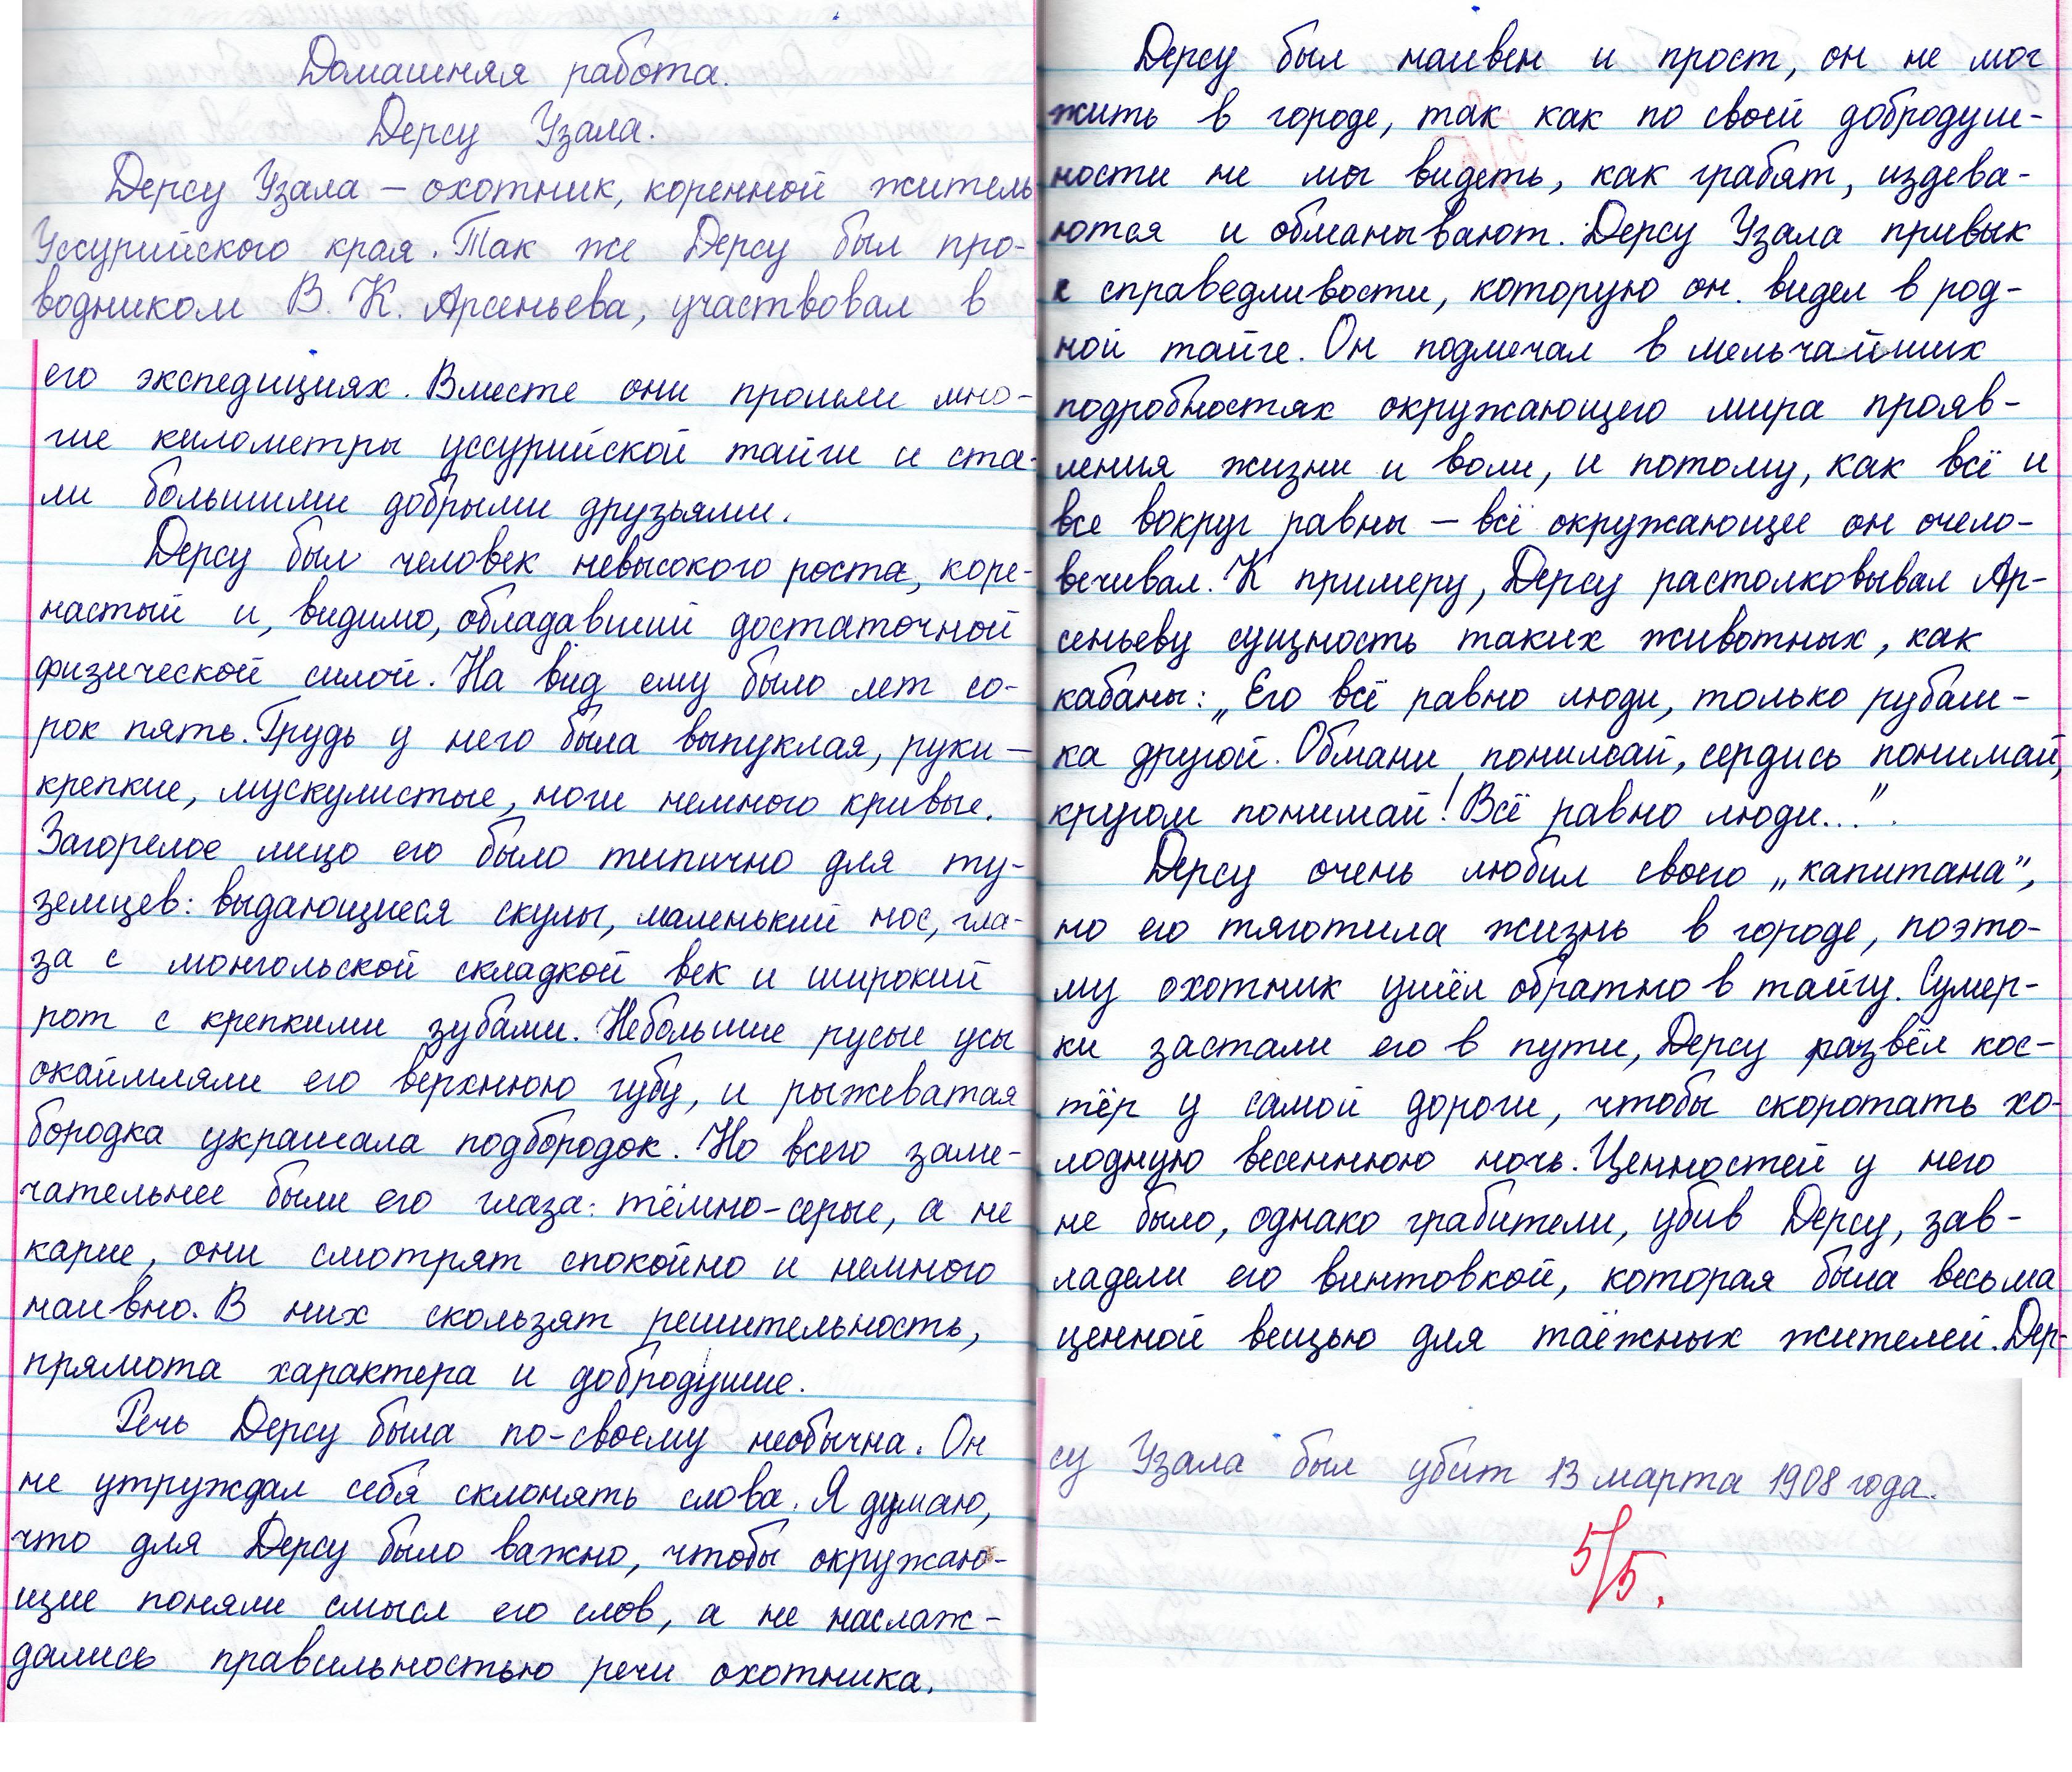 Художественный фильм Акиры Куросавы по мотивам произведений В.К. Арсеньева